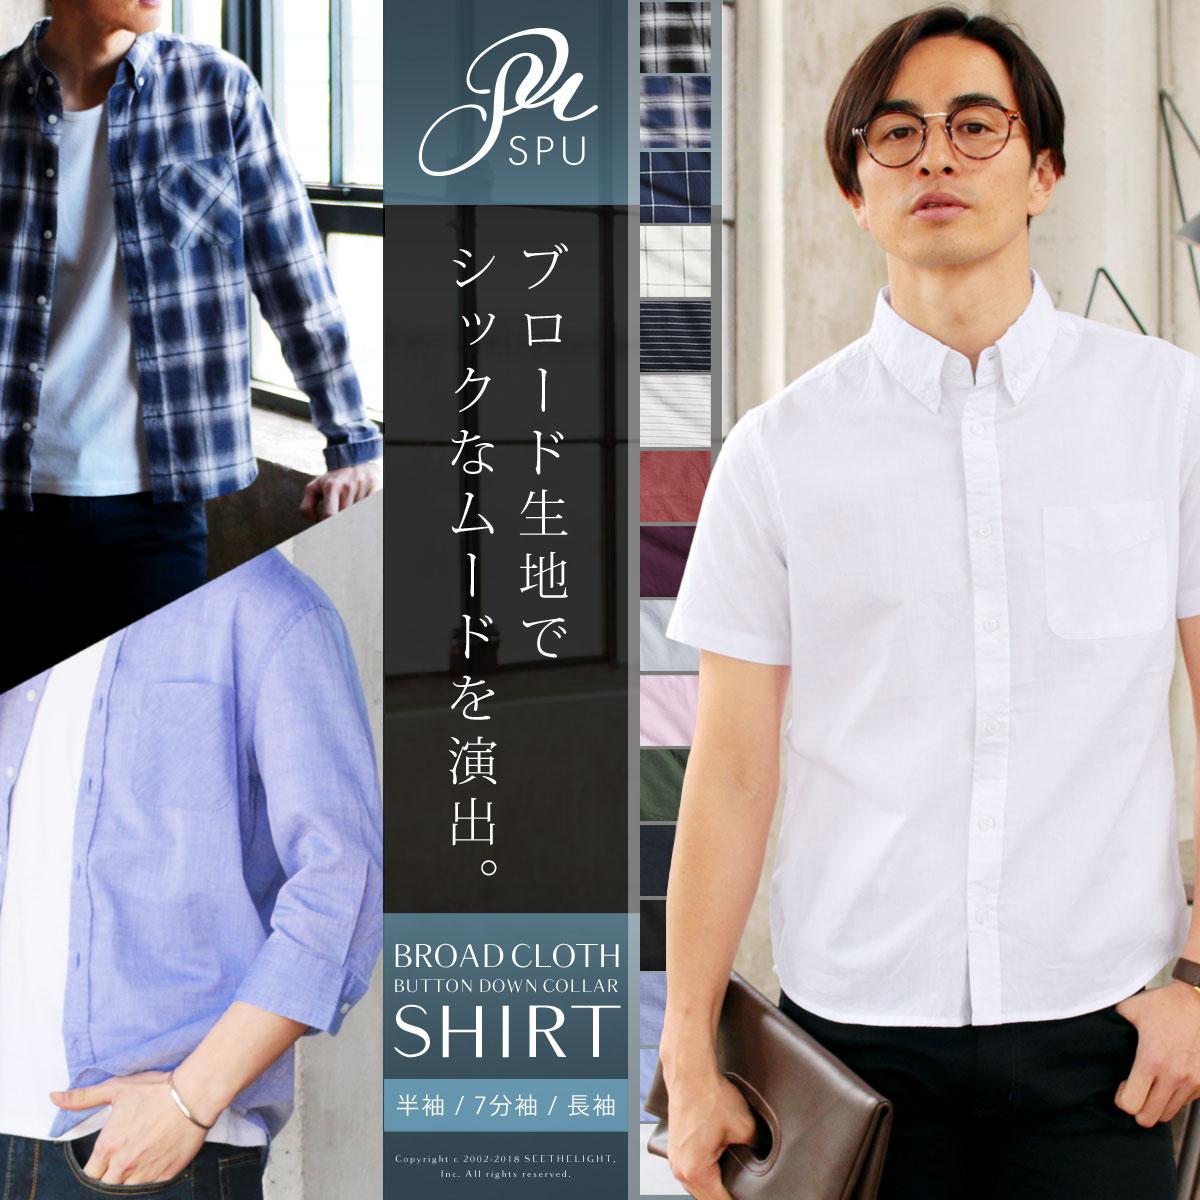 【メール便送料無料】シャツ メンズ 長袖 七分袖 半袖 カジュアルシャツ ボタンダウン 春 新作 綿100% ブロード